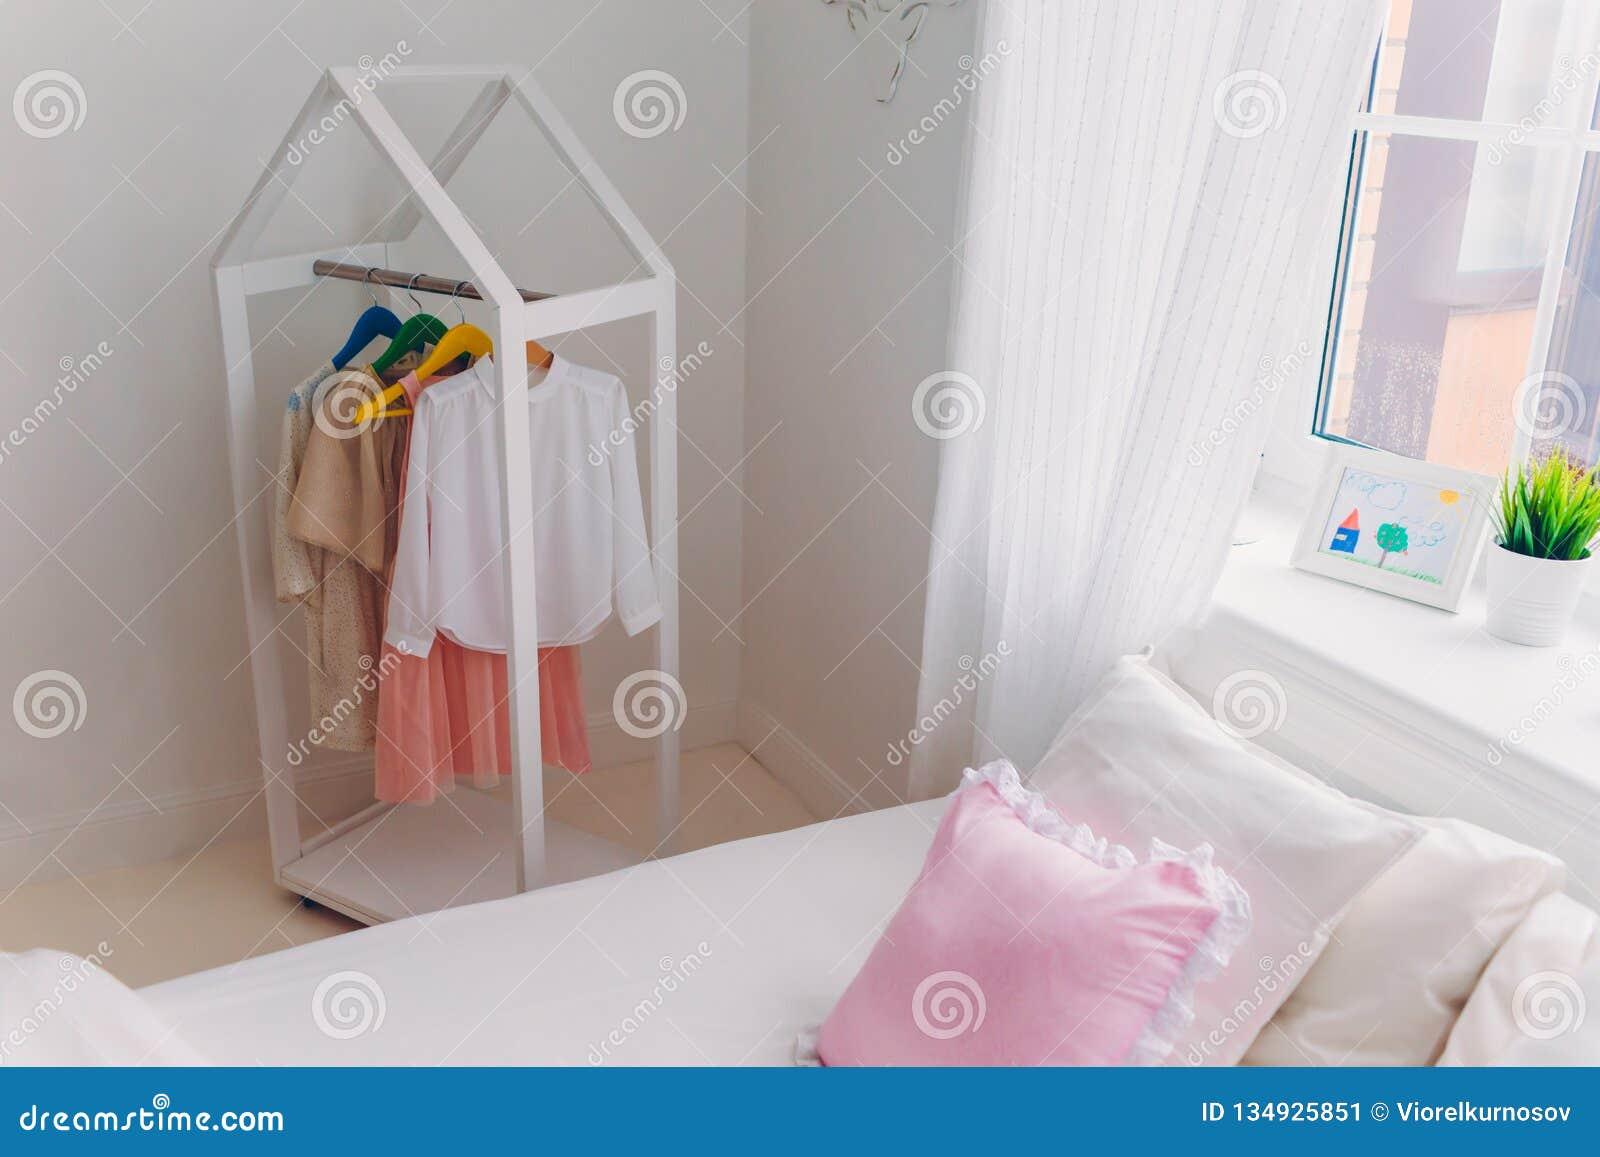 Camera Da Letto Bianca Pareti : Stanza leggera spaziosa accogliente con i vestiti alla moda sui